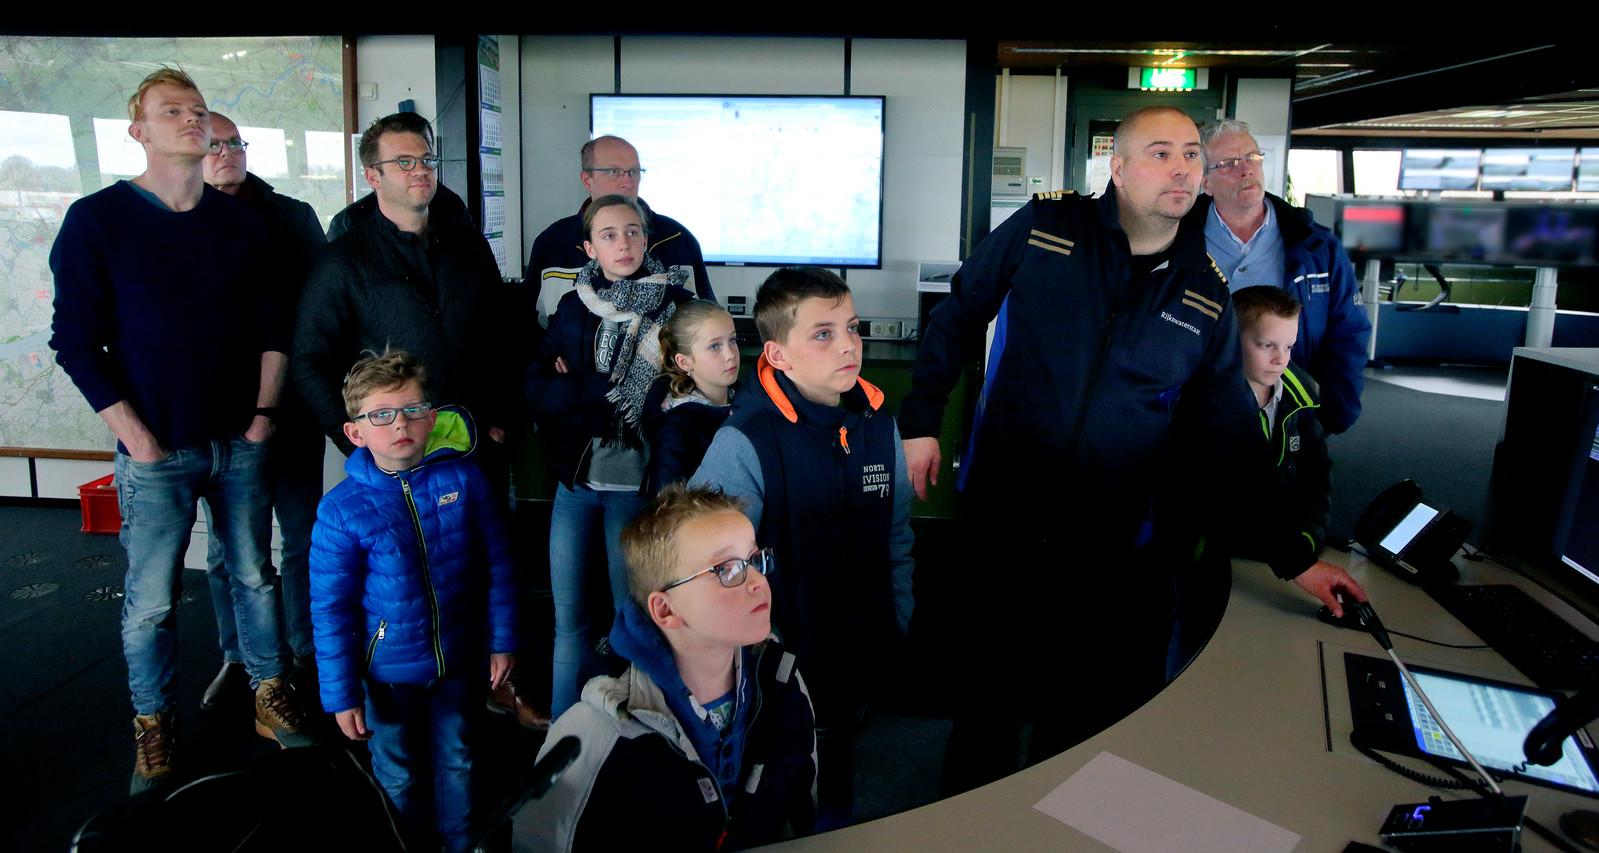 Verkeersleider Rolph Herks leidt geïnteresserden rond door de post van Rijkswaterstaat op Duivelseiland. Vanuit daar wordt het scheepverkeer in de regio geïnstrueerd.